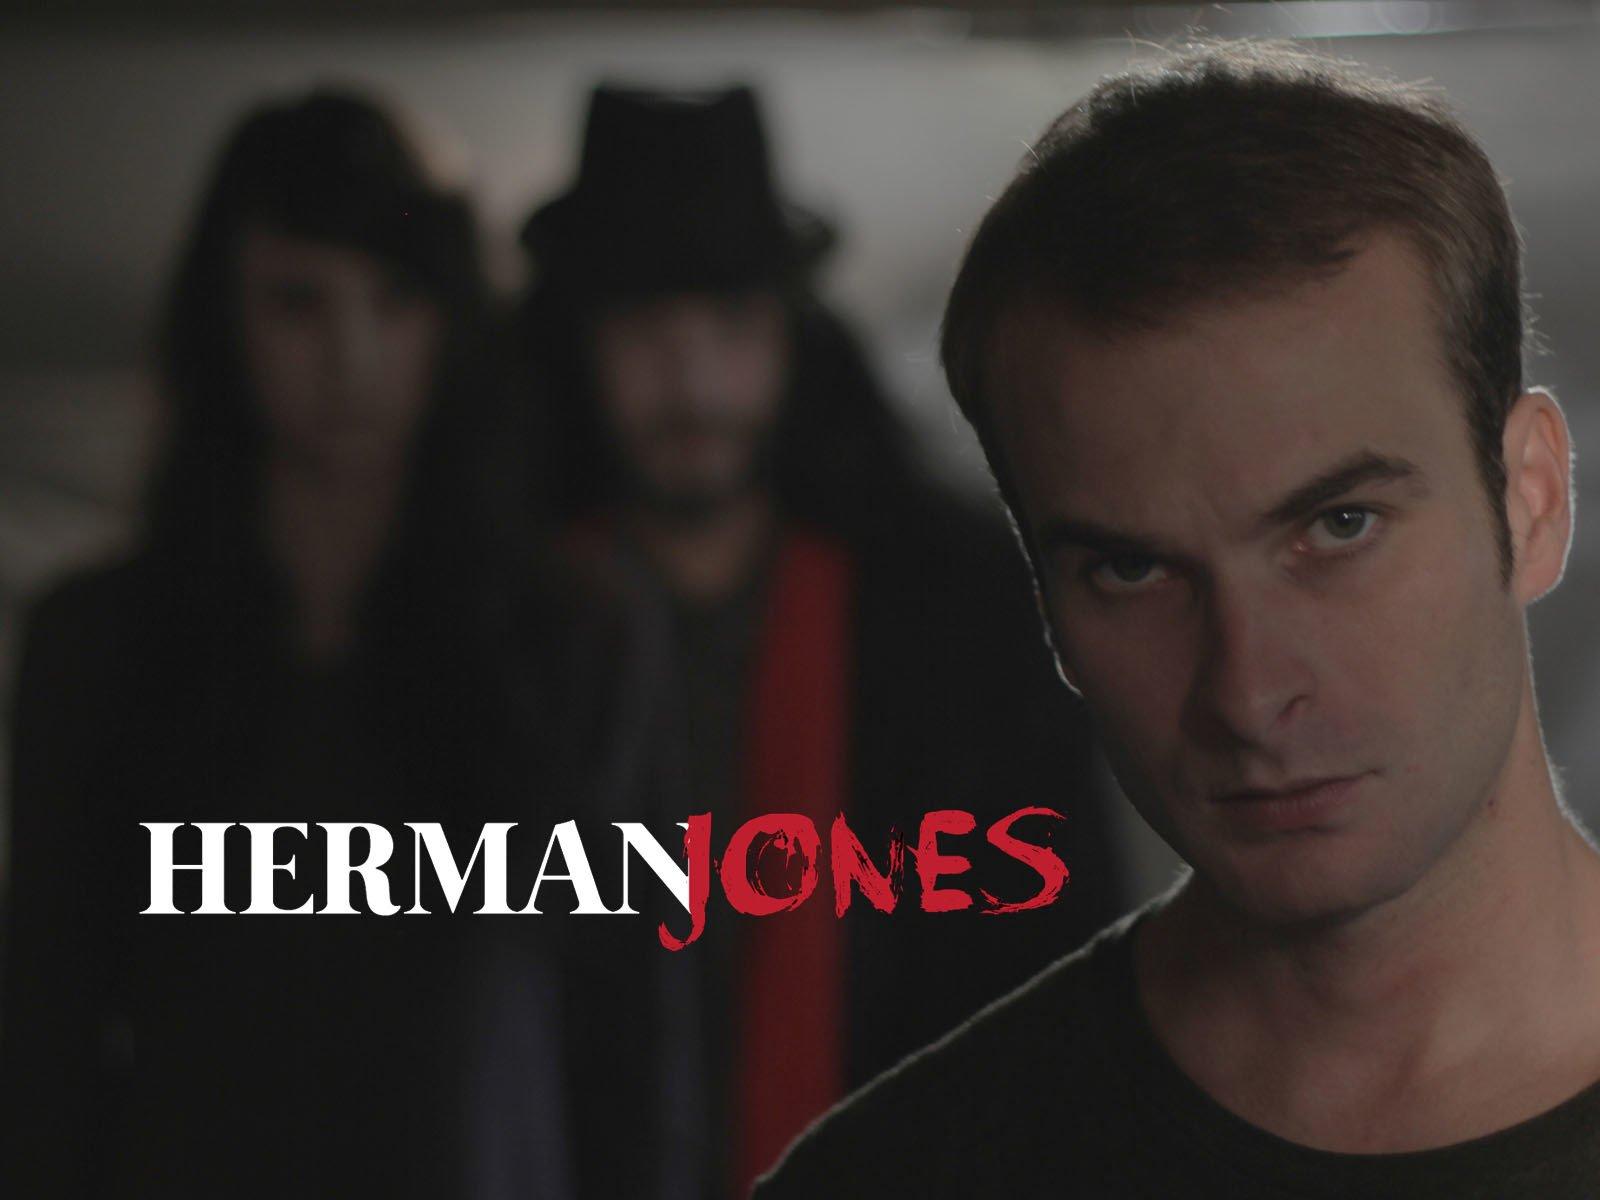 Herman Jones